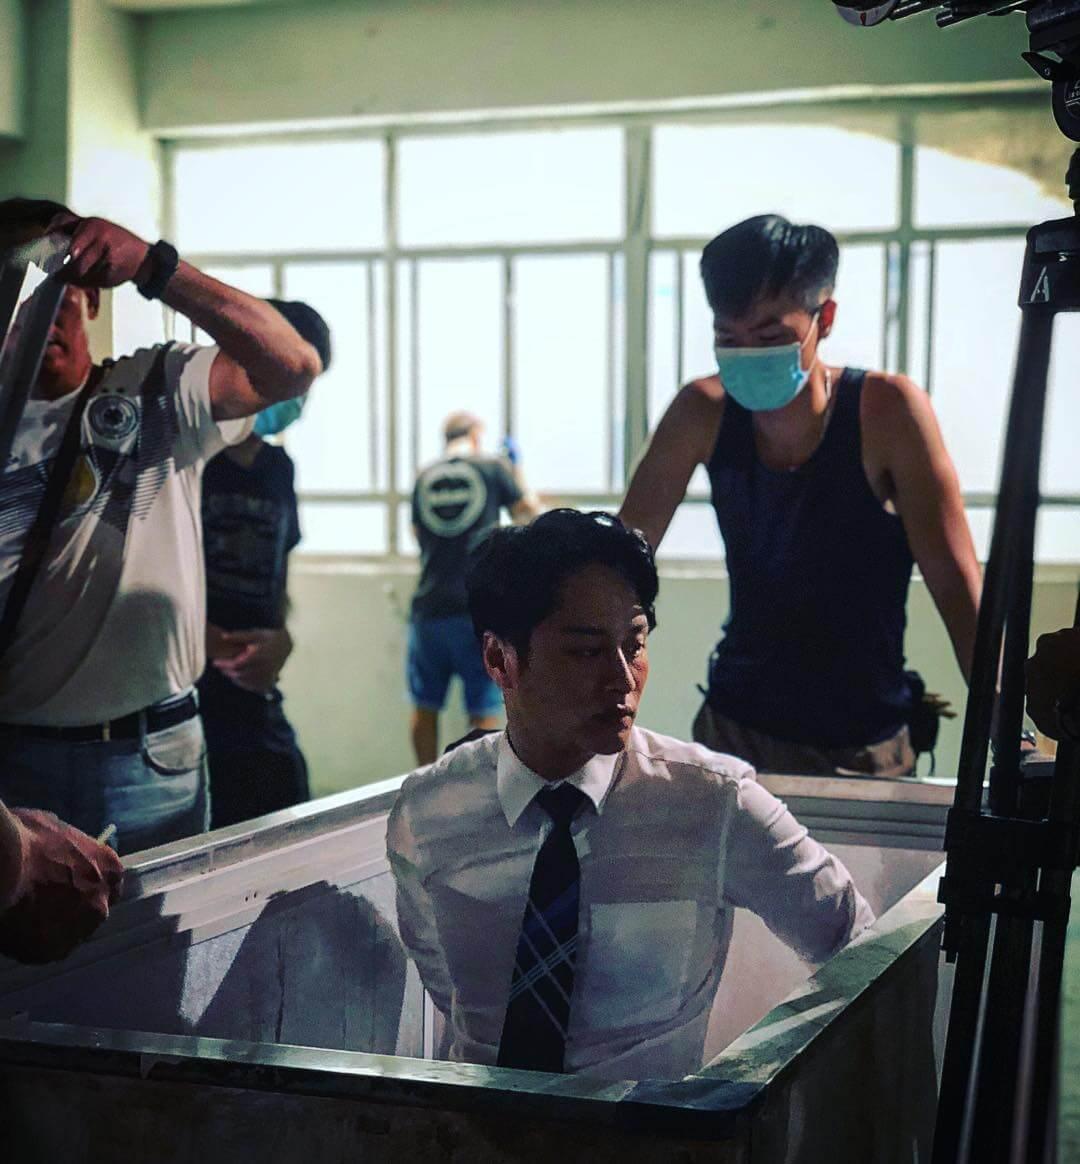 劇集《殺手》中飾演反派,更令觀眾看出不一樣的謝東閔。